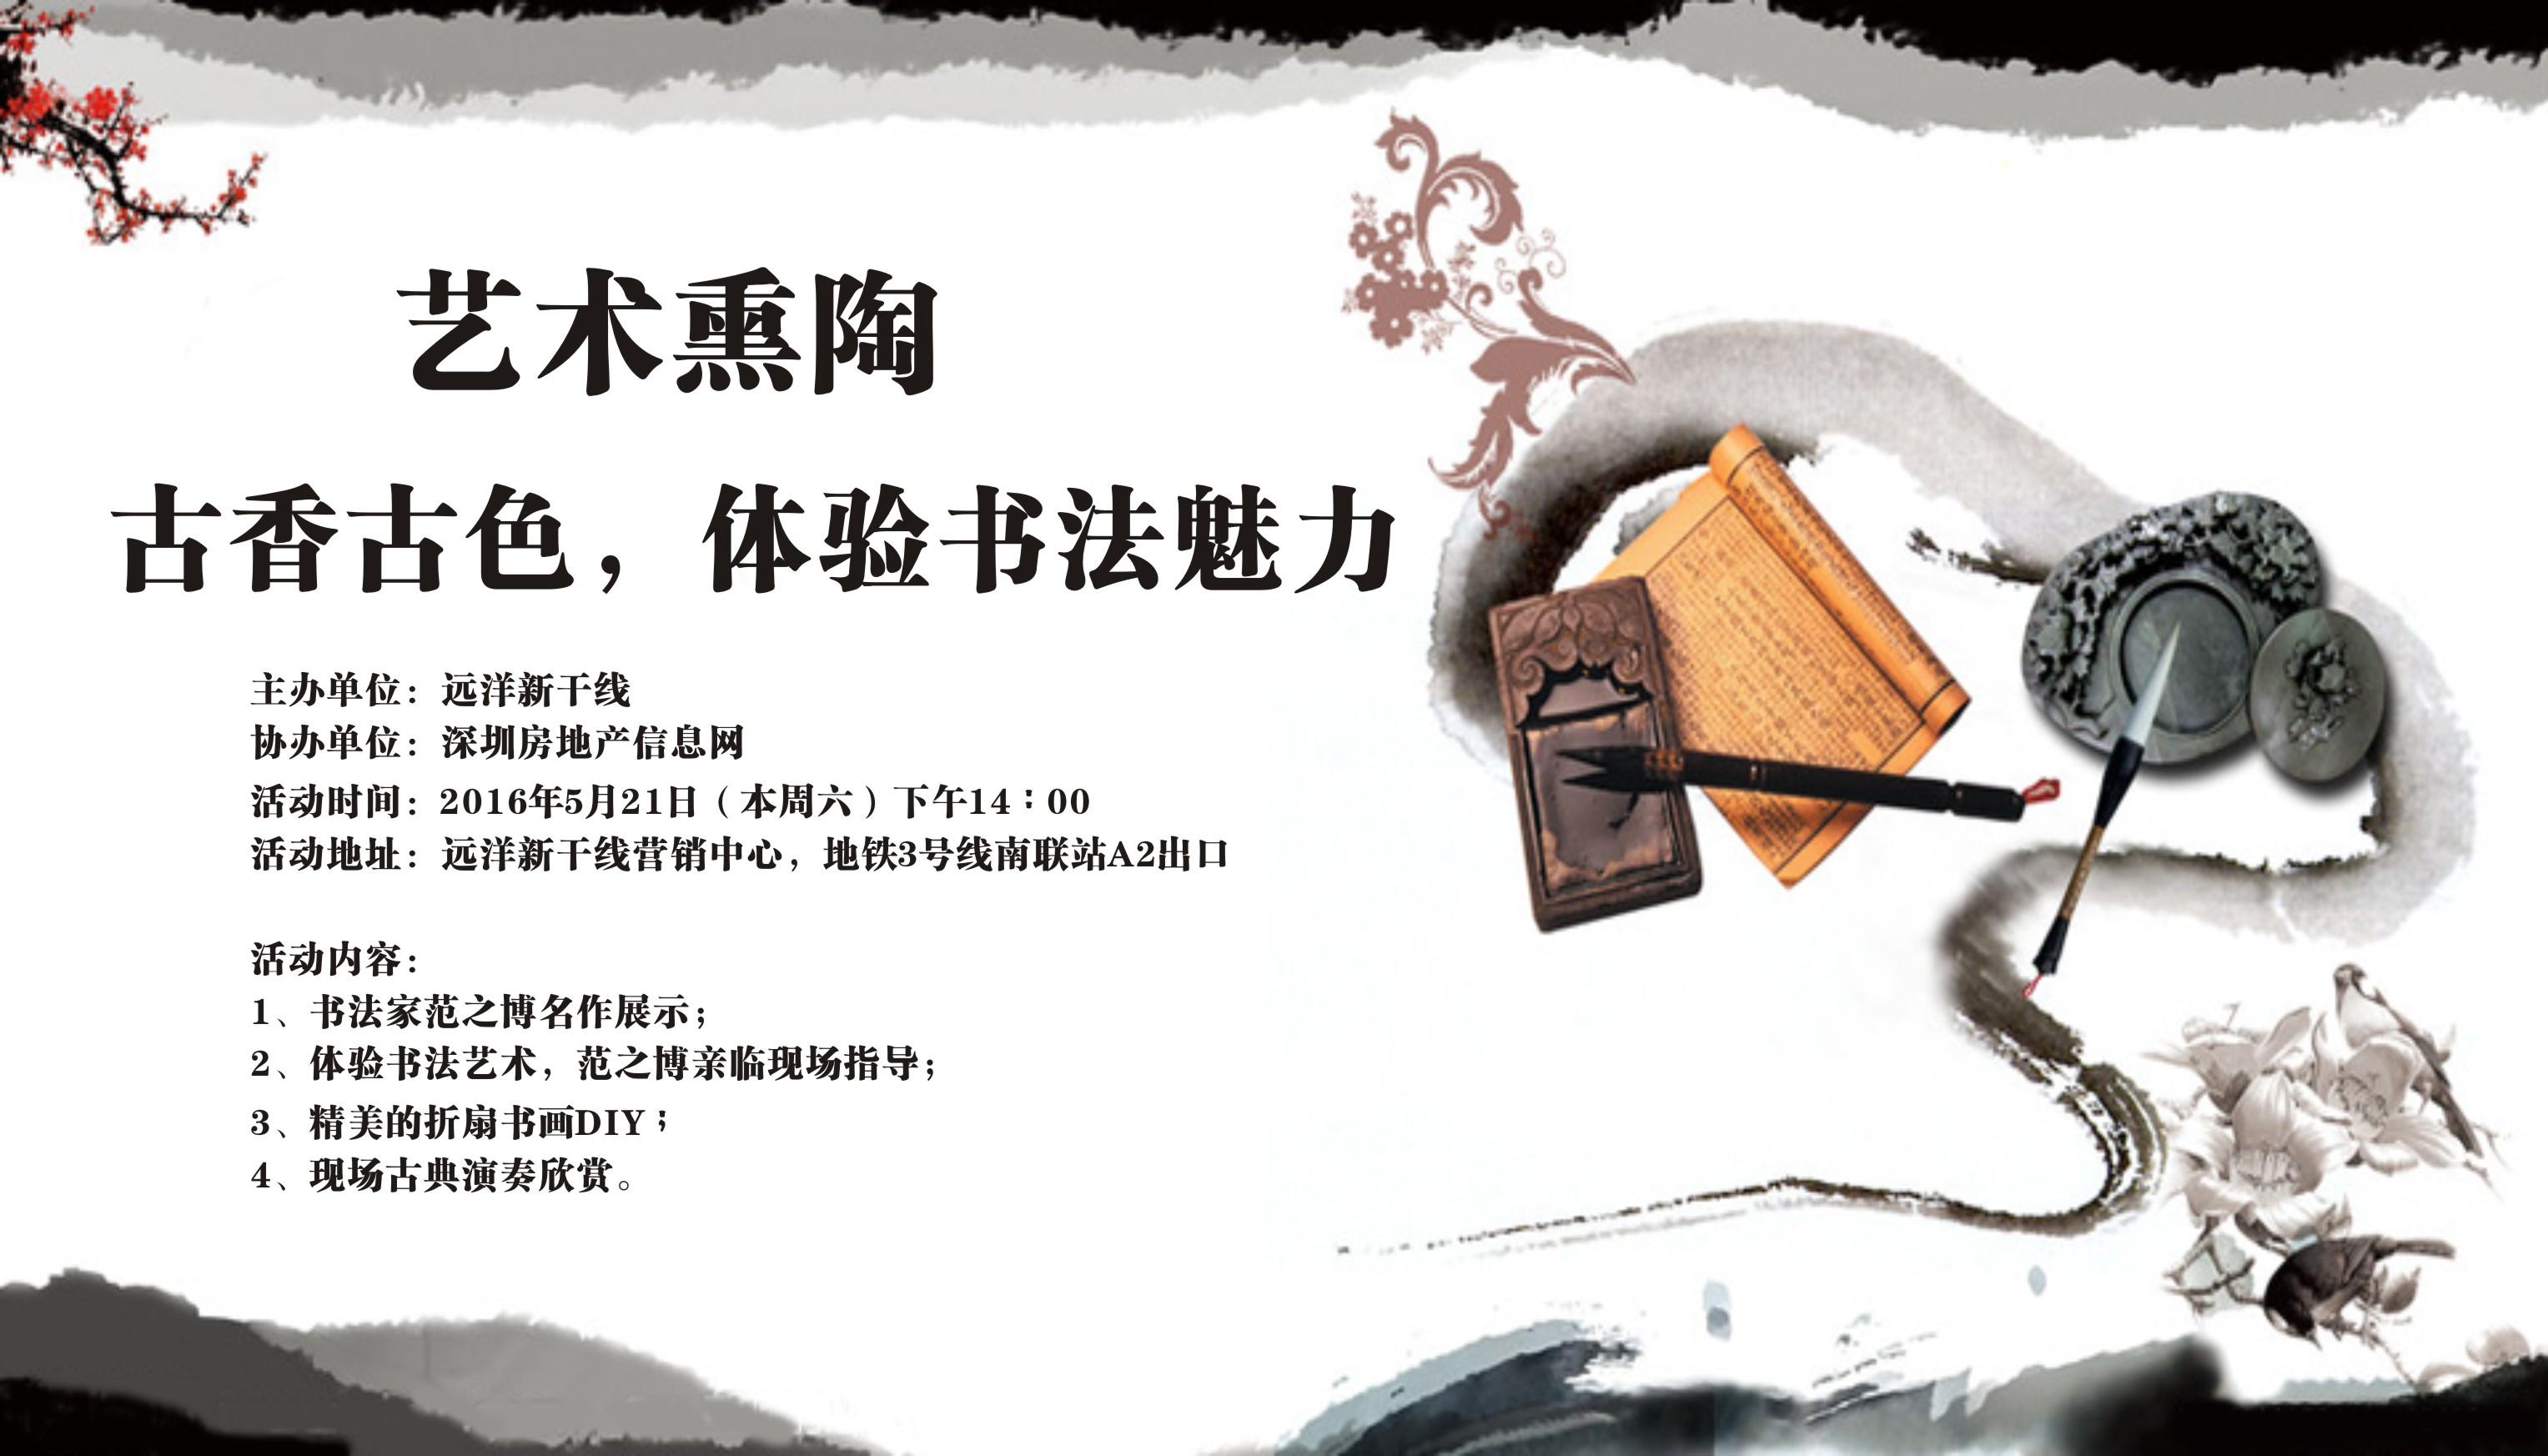 【艺术熏陶】古香古色,体验书法魅力